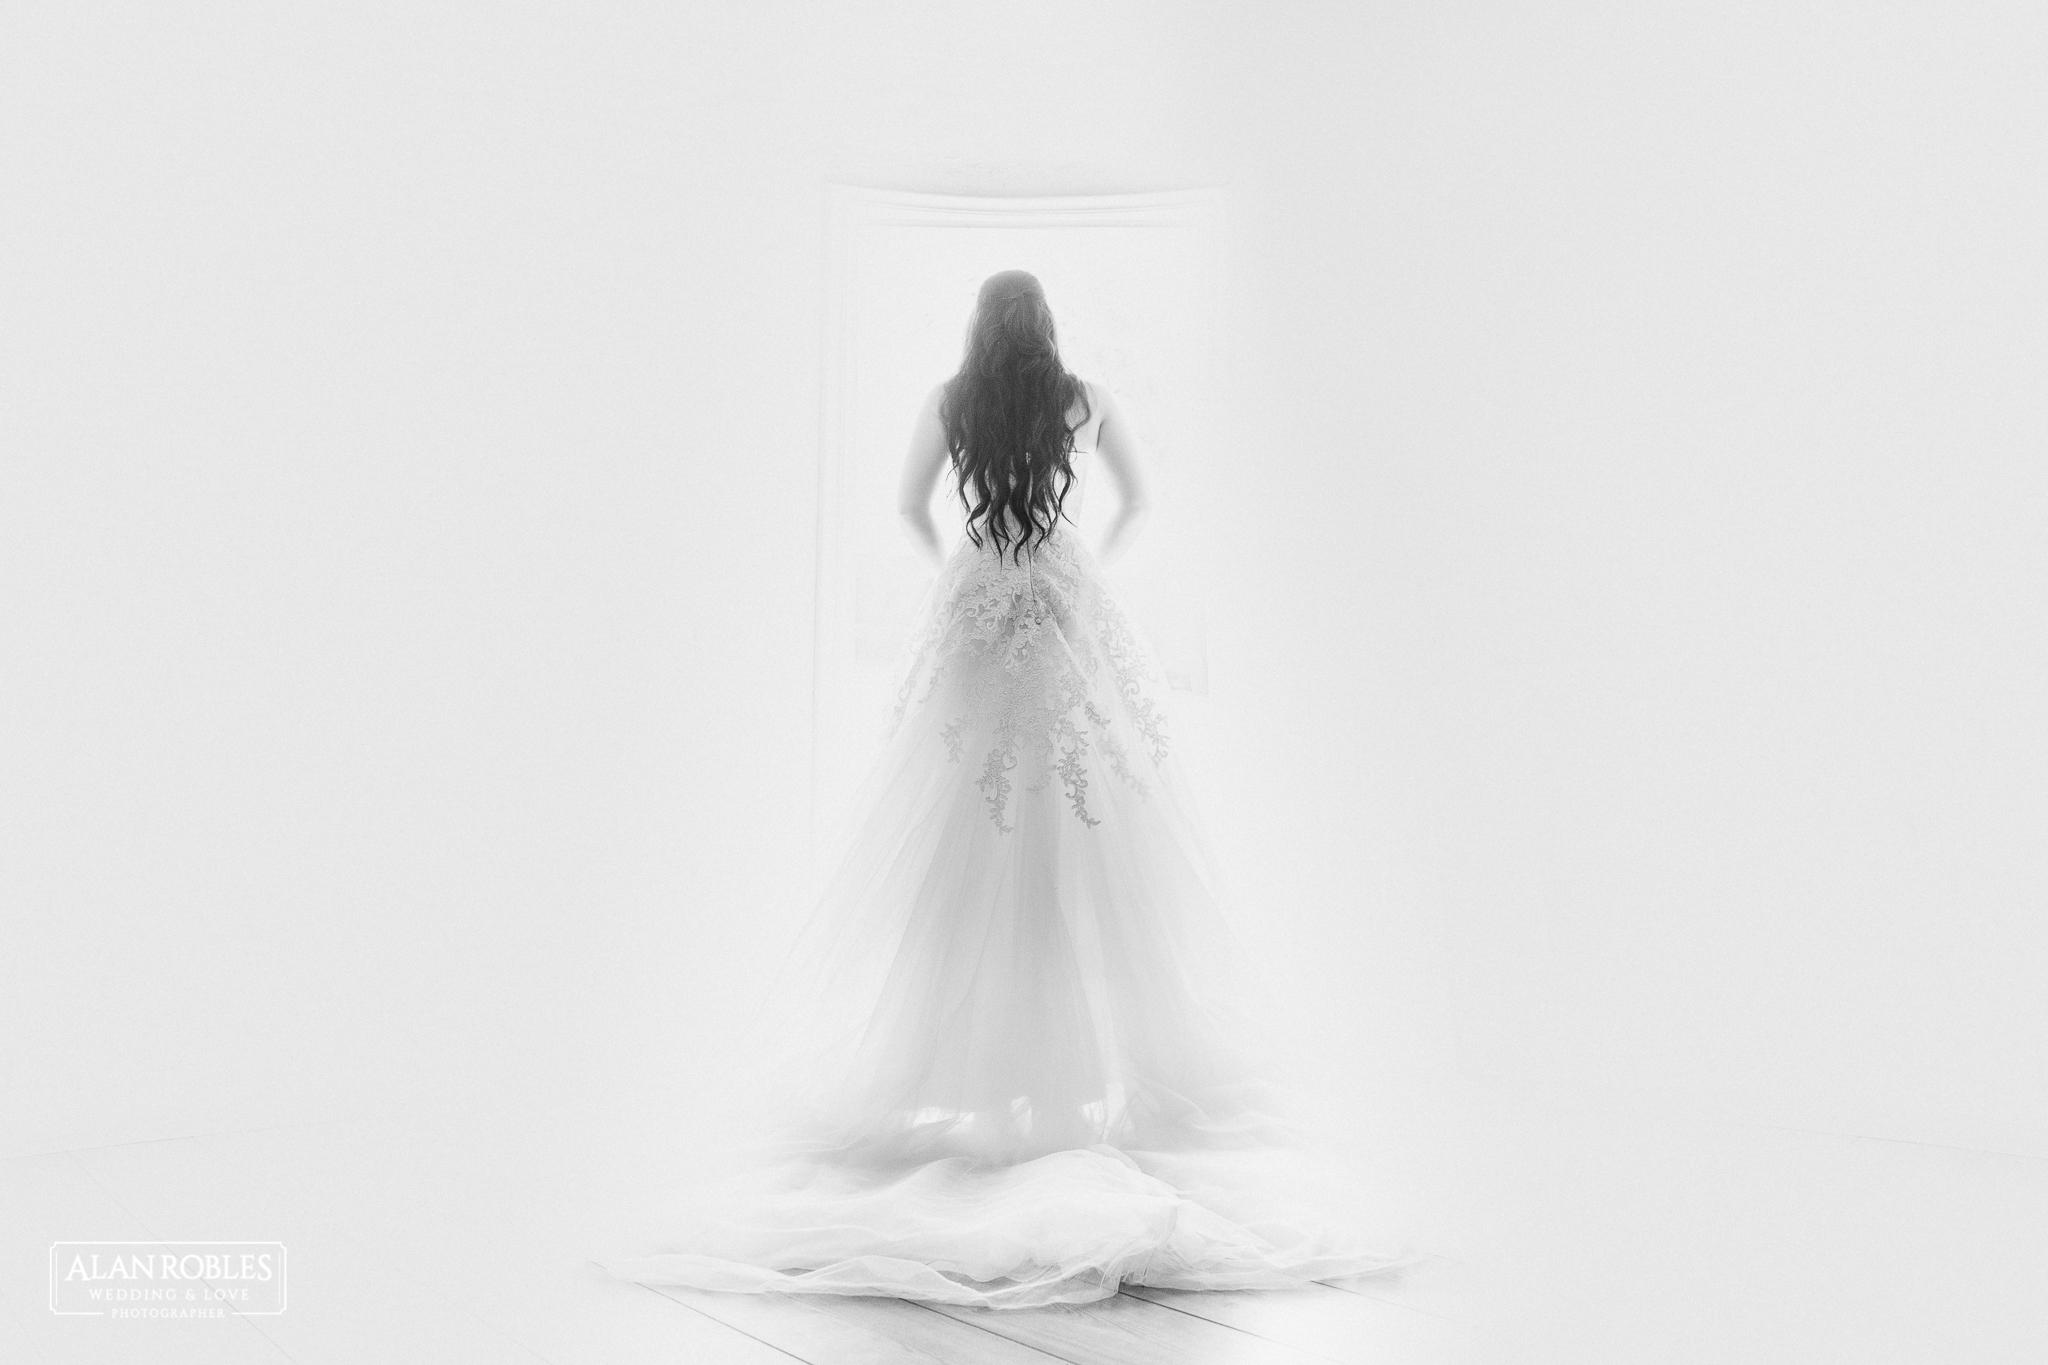 Retrato de novia y su vestido de boda. Fotografia de bodas en Blanco y Negro. Alan Robles, el mejor fotografo de Bodas en Guadalajara.